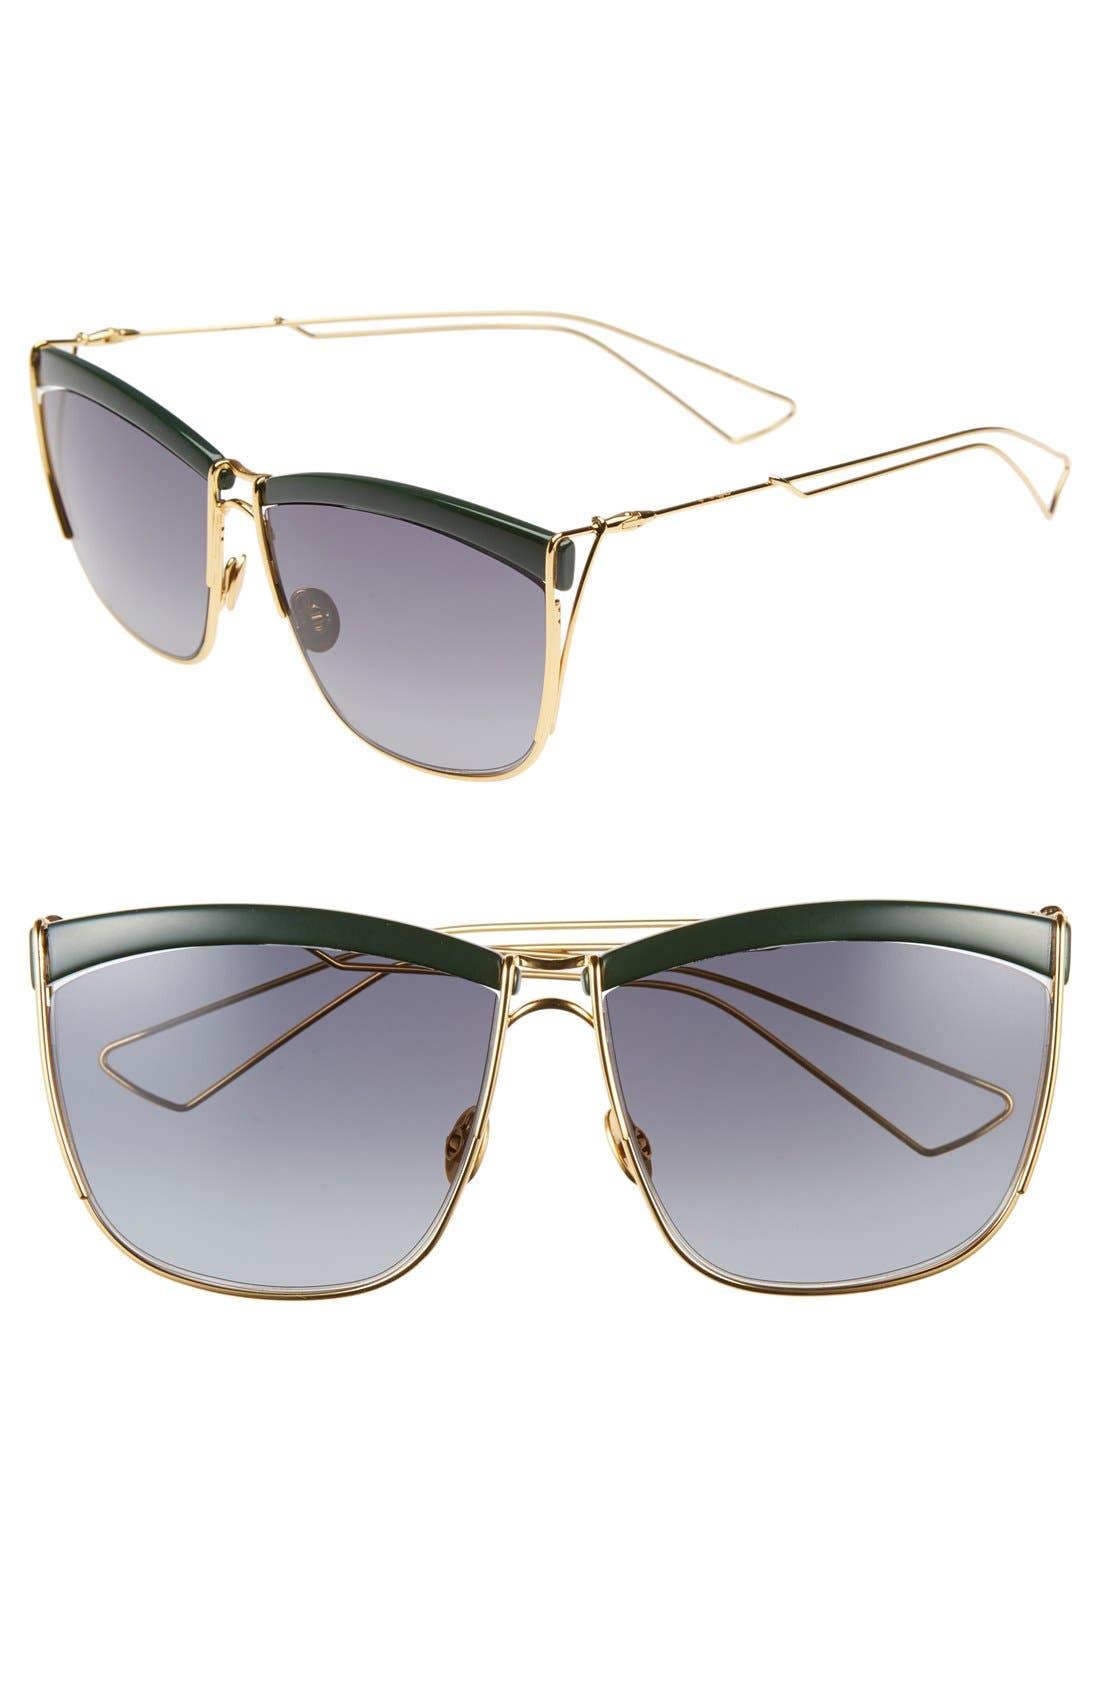 Alternate Image 1 Selected - Dior 58mm Retro Metal Sunglasses